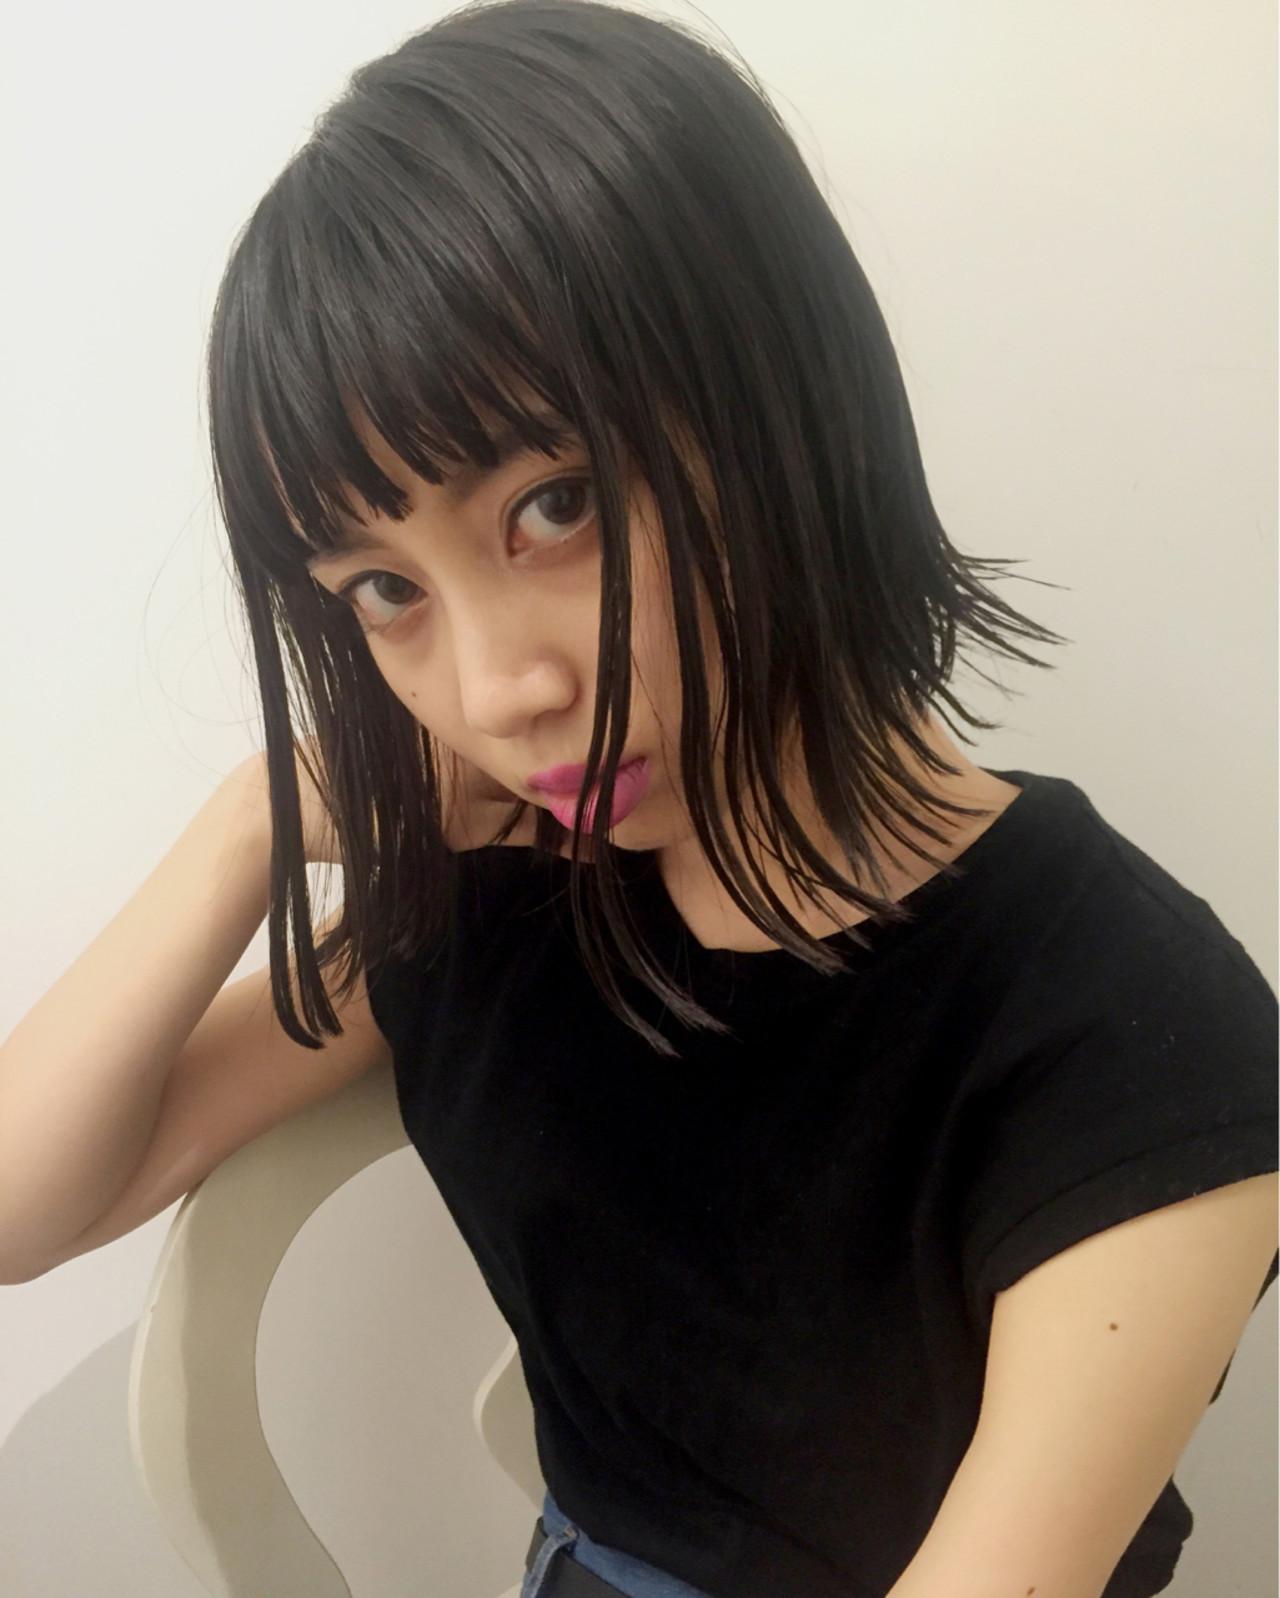 次のヘアカラーは、ブルーブラックへシフト!透明感を手に入れよう♡の4枚目の画像